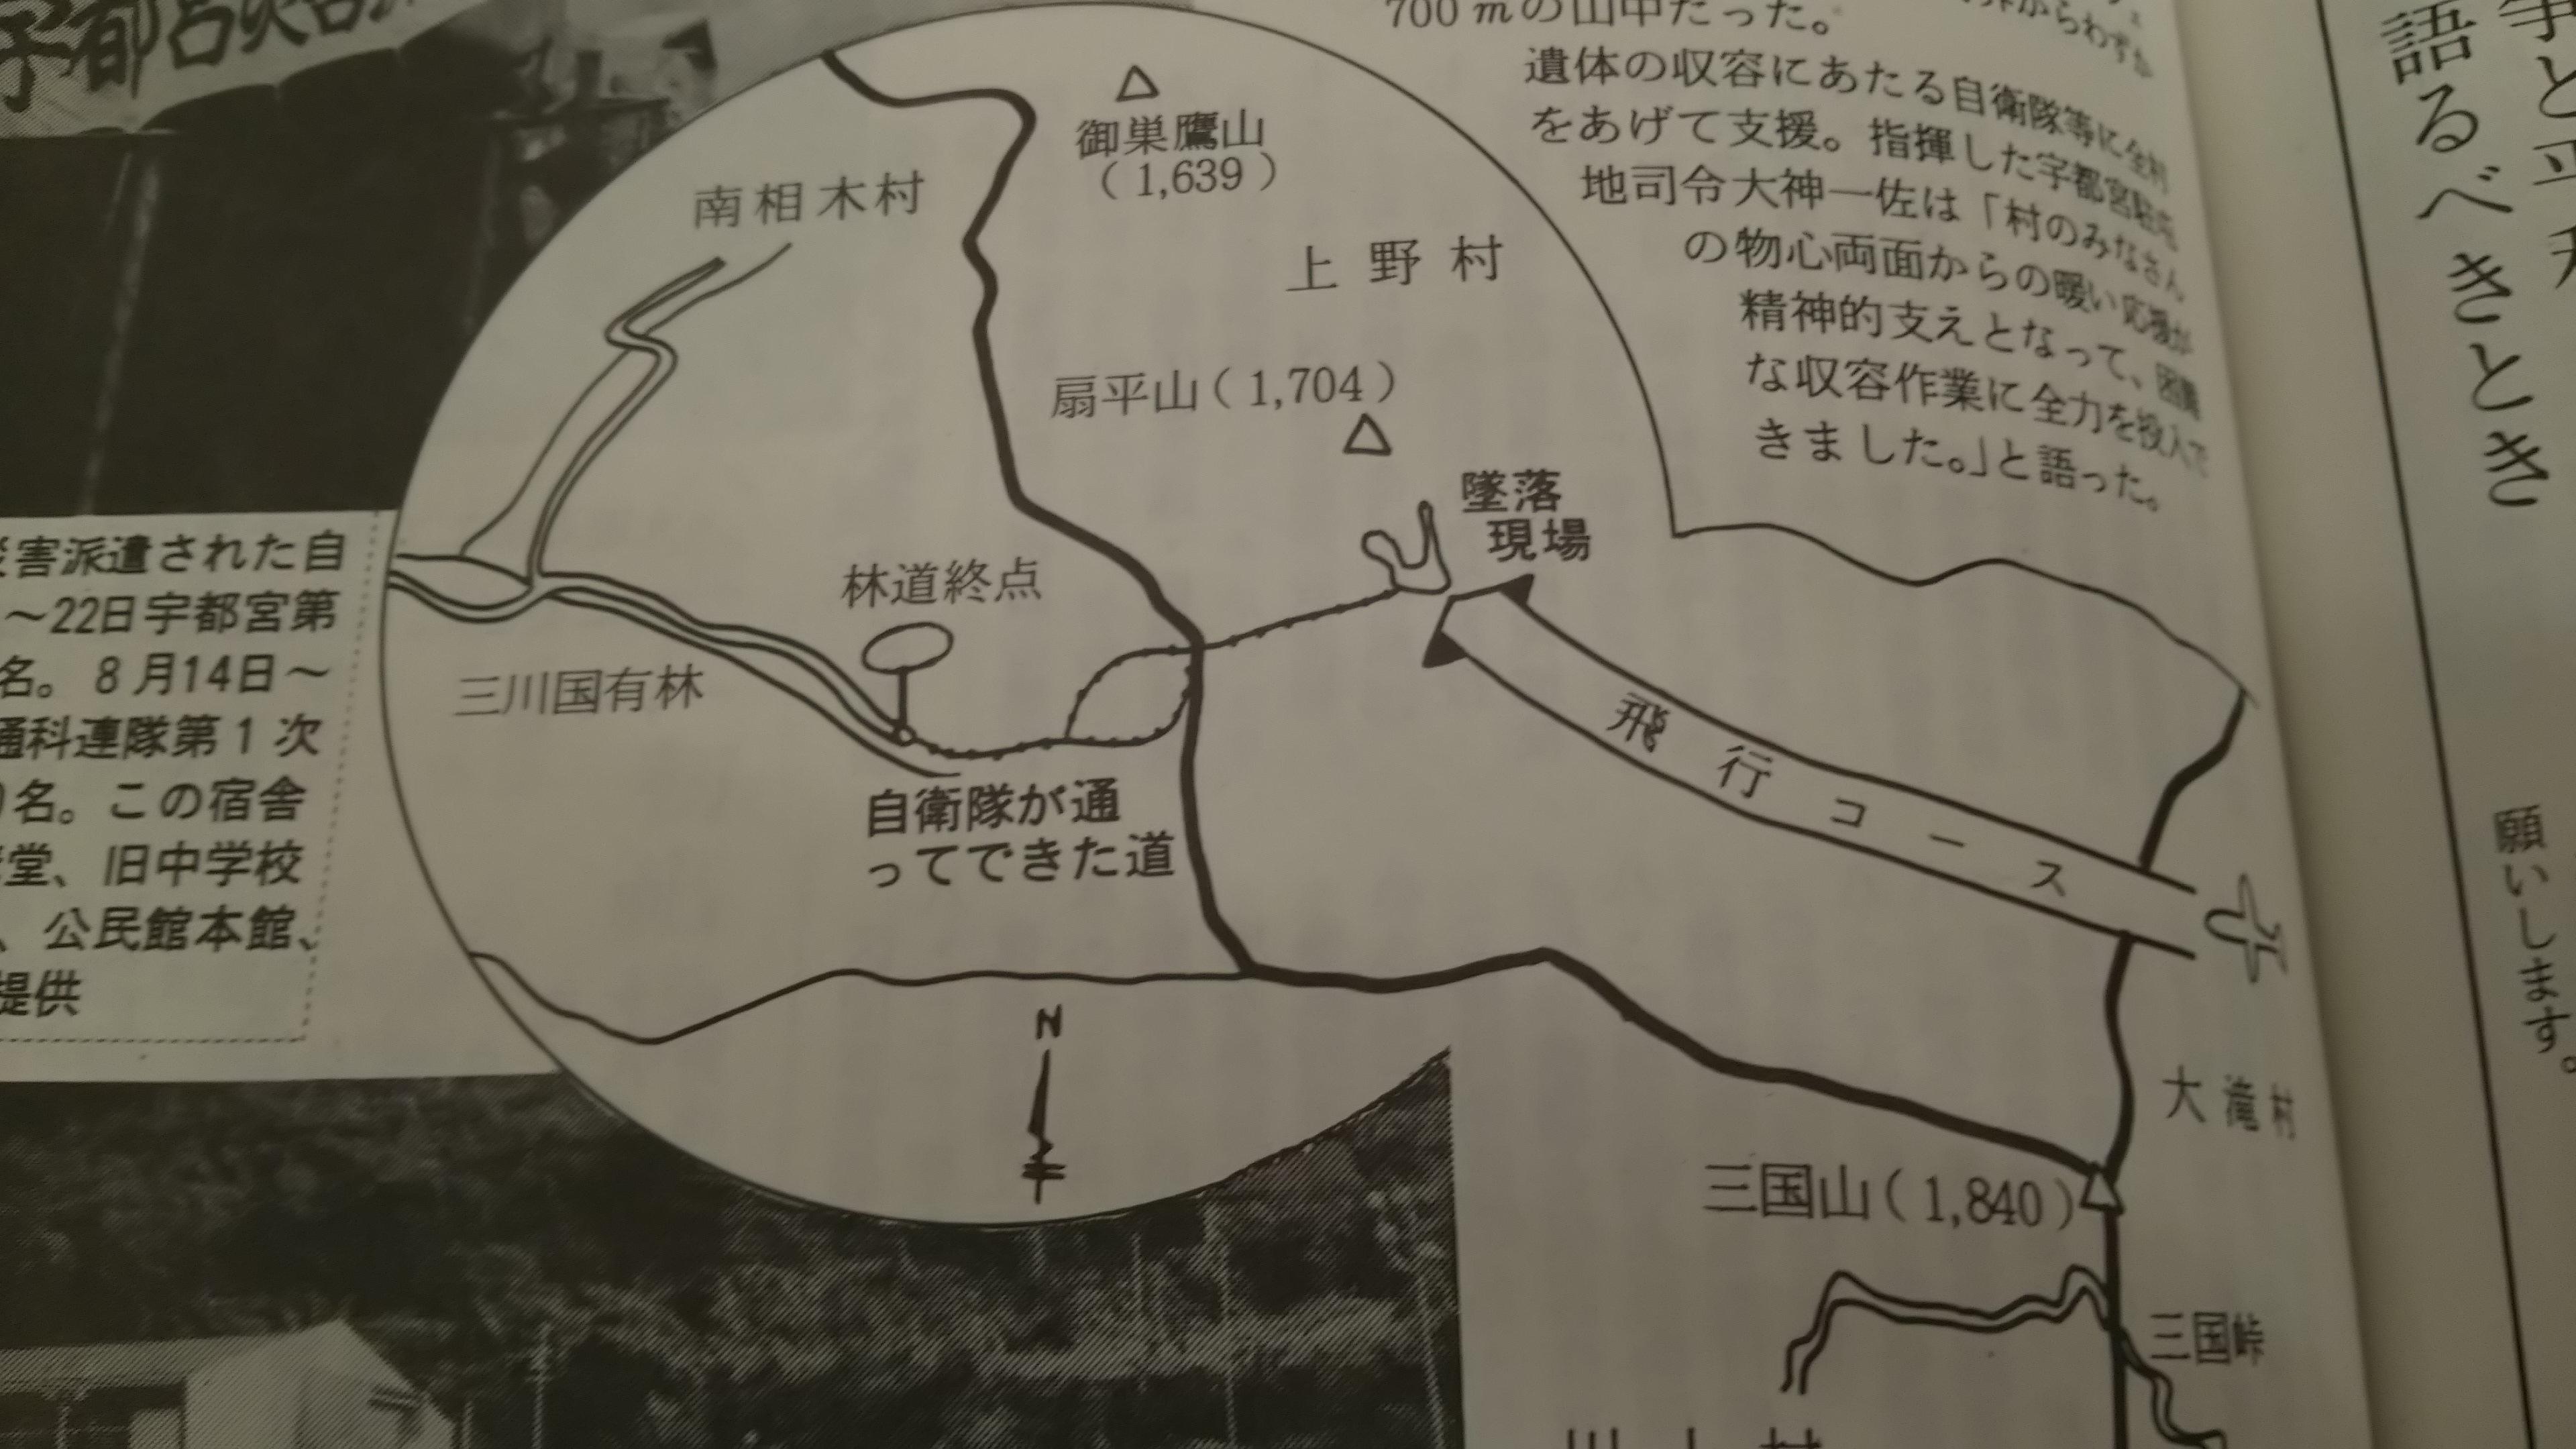 館報南相木1985年9月30日号